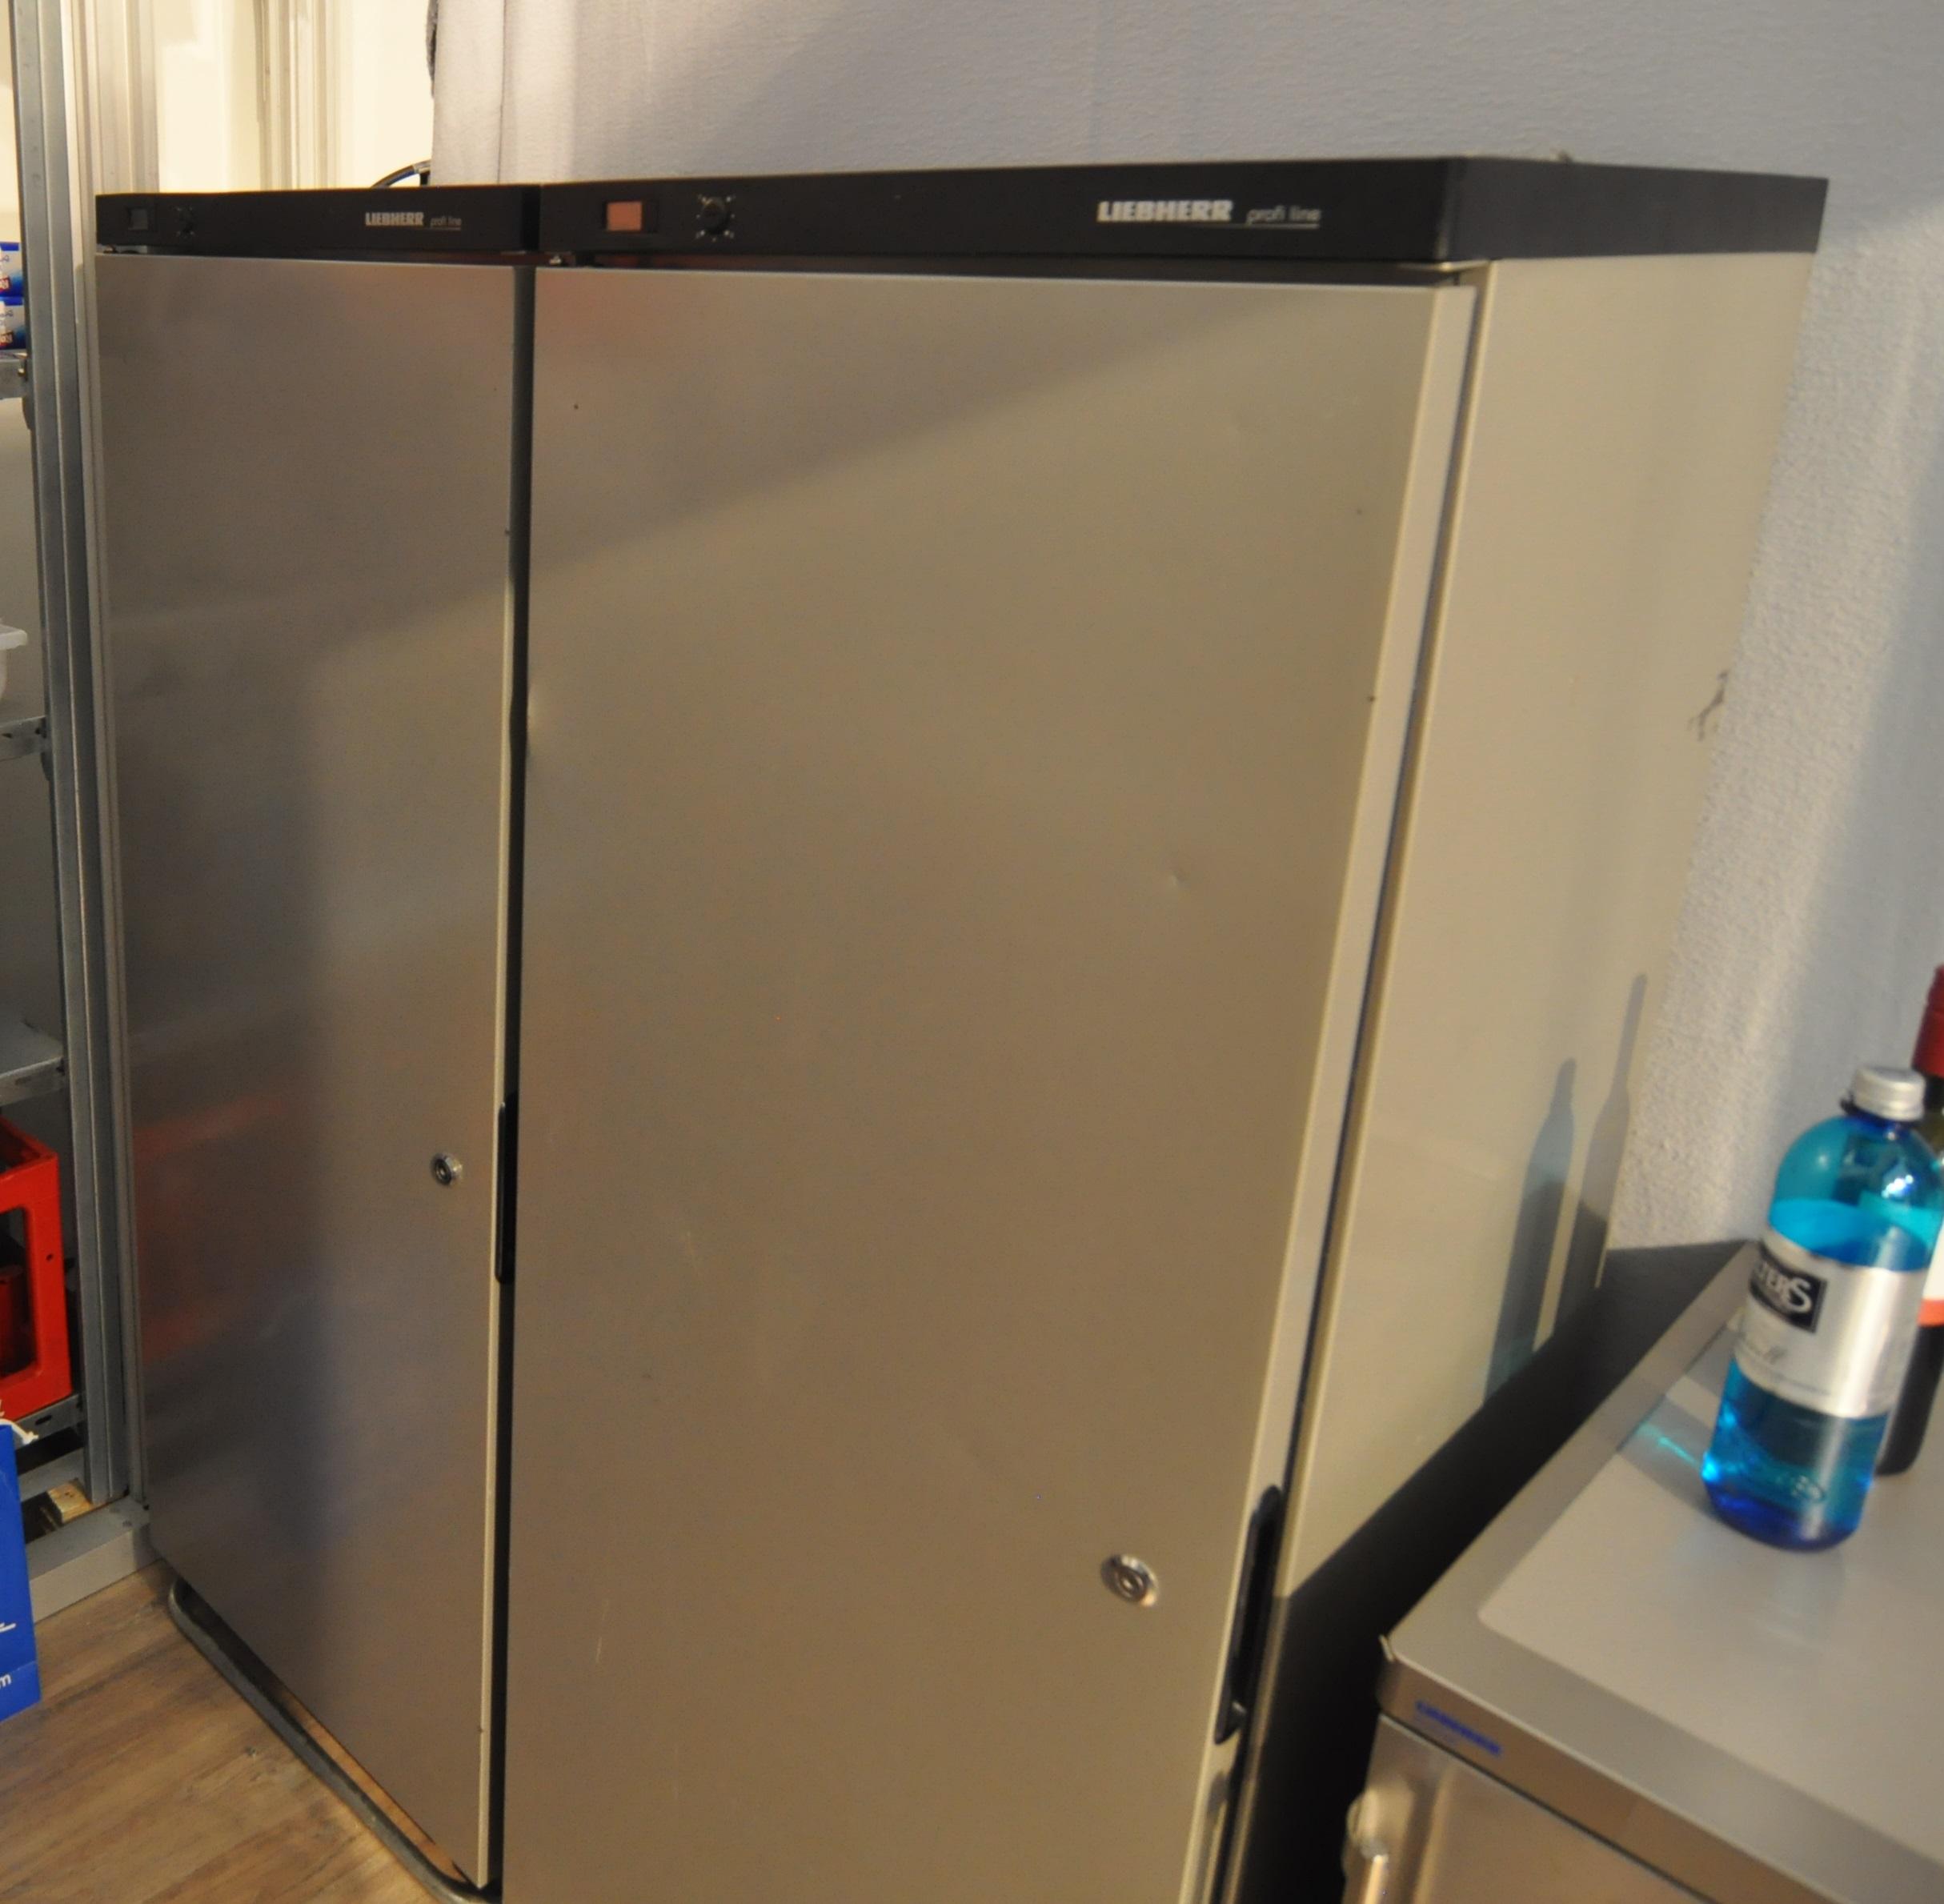 Tolle Kühlschrank Hoch Fotos - Die Schlafzimmerideen - kruloei.info